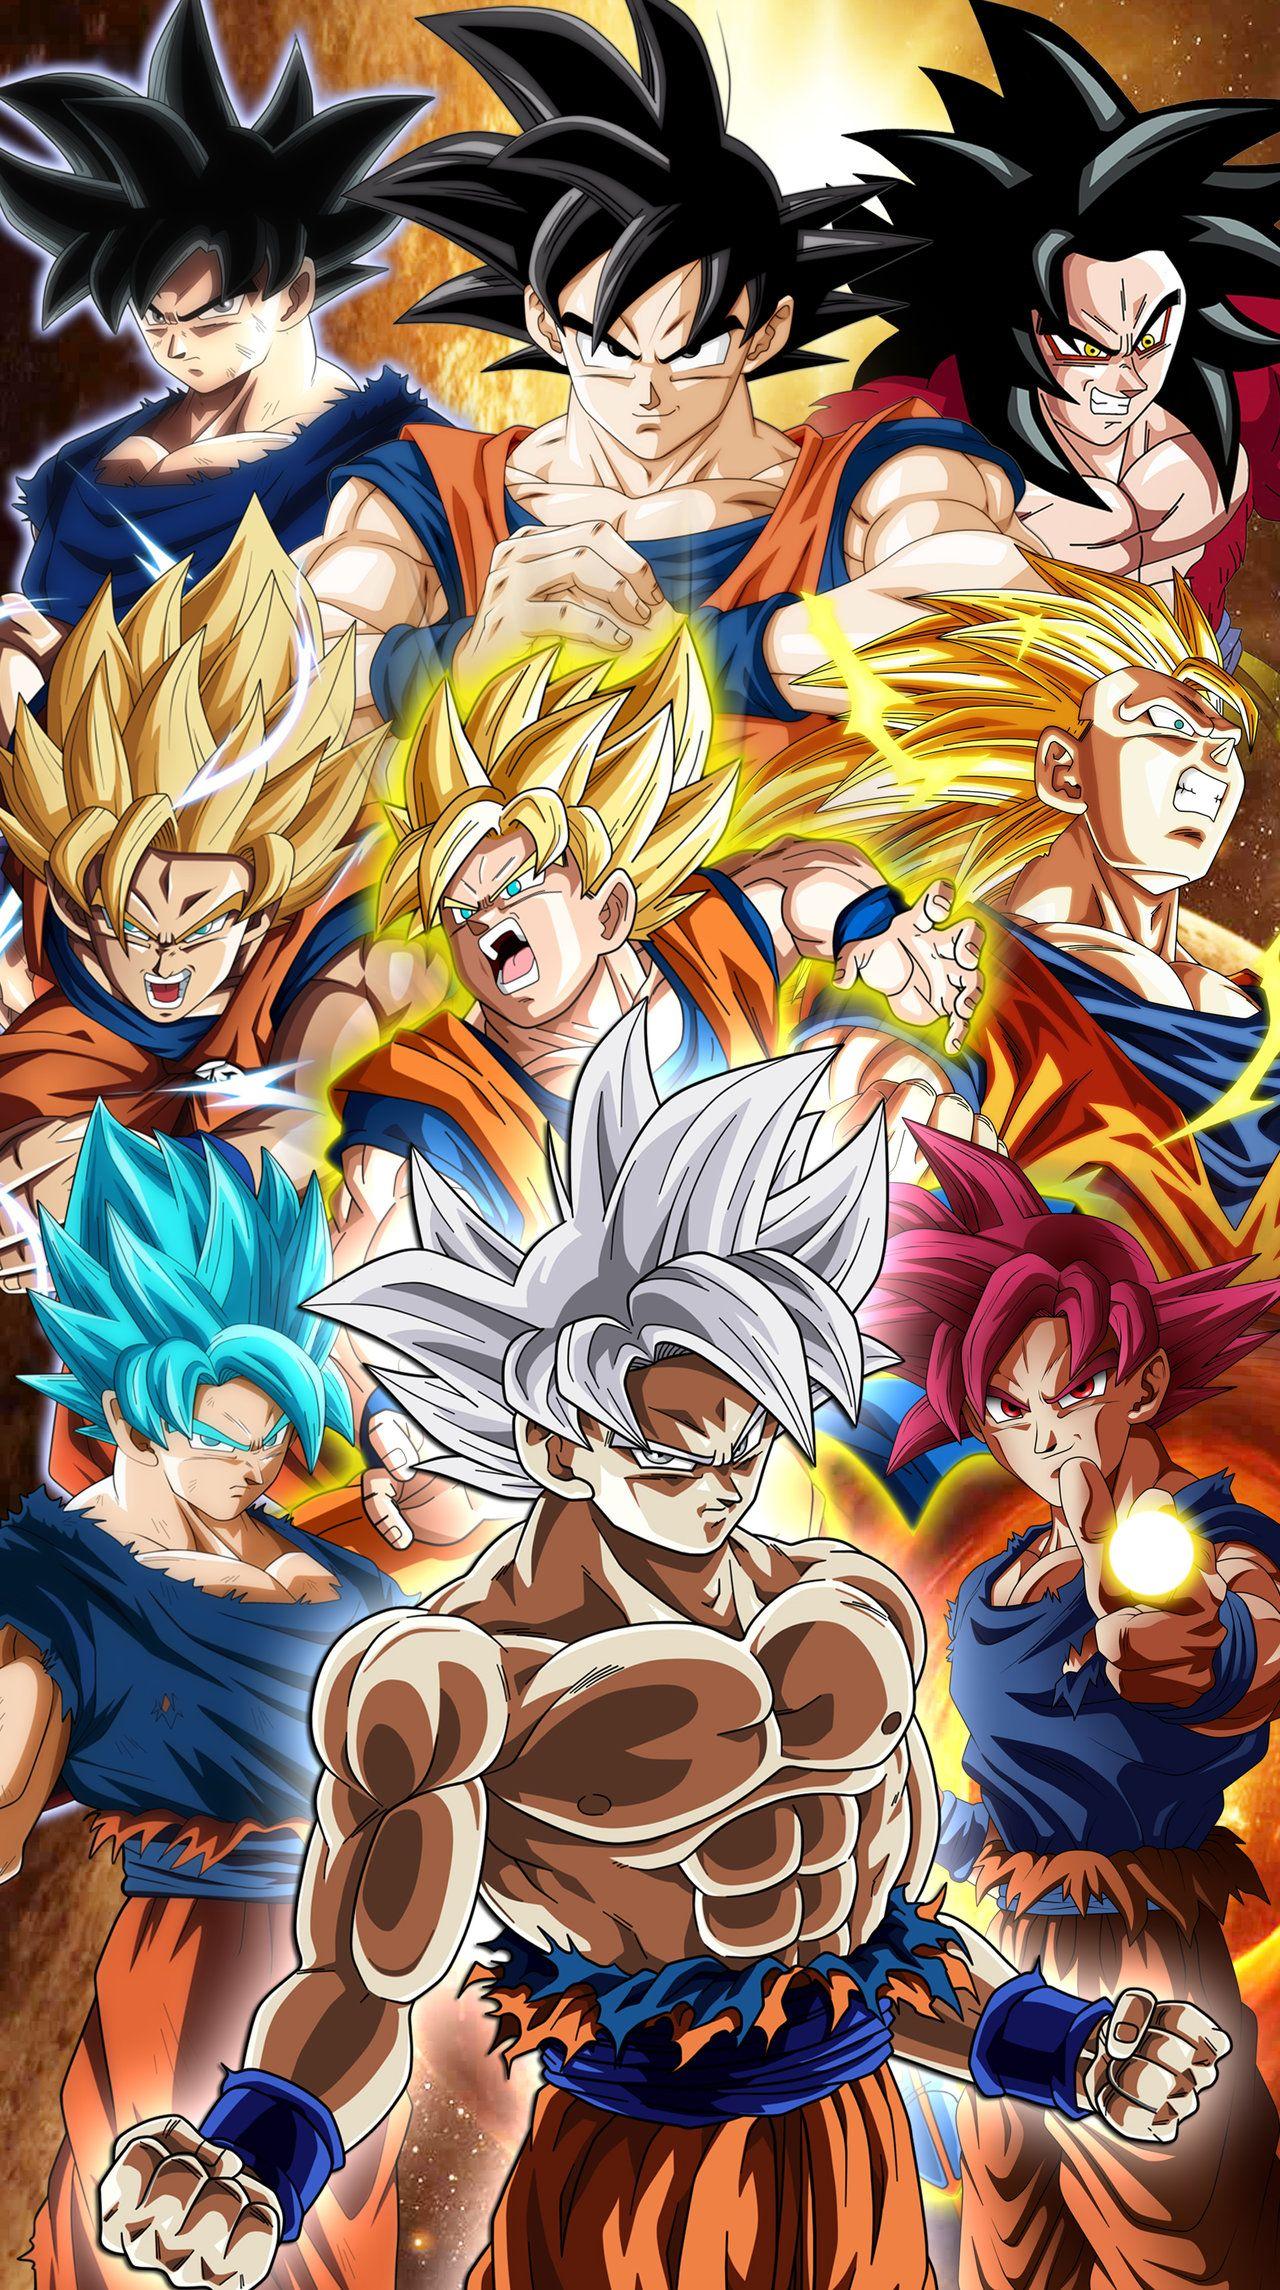 All Goku Transformations Fondo De Pantalla Anime Dragon Ball Super Dragon Ball Super Manga Anime Dragon Ball